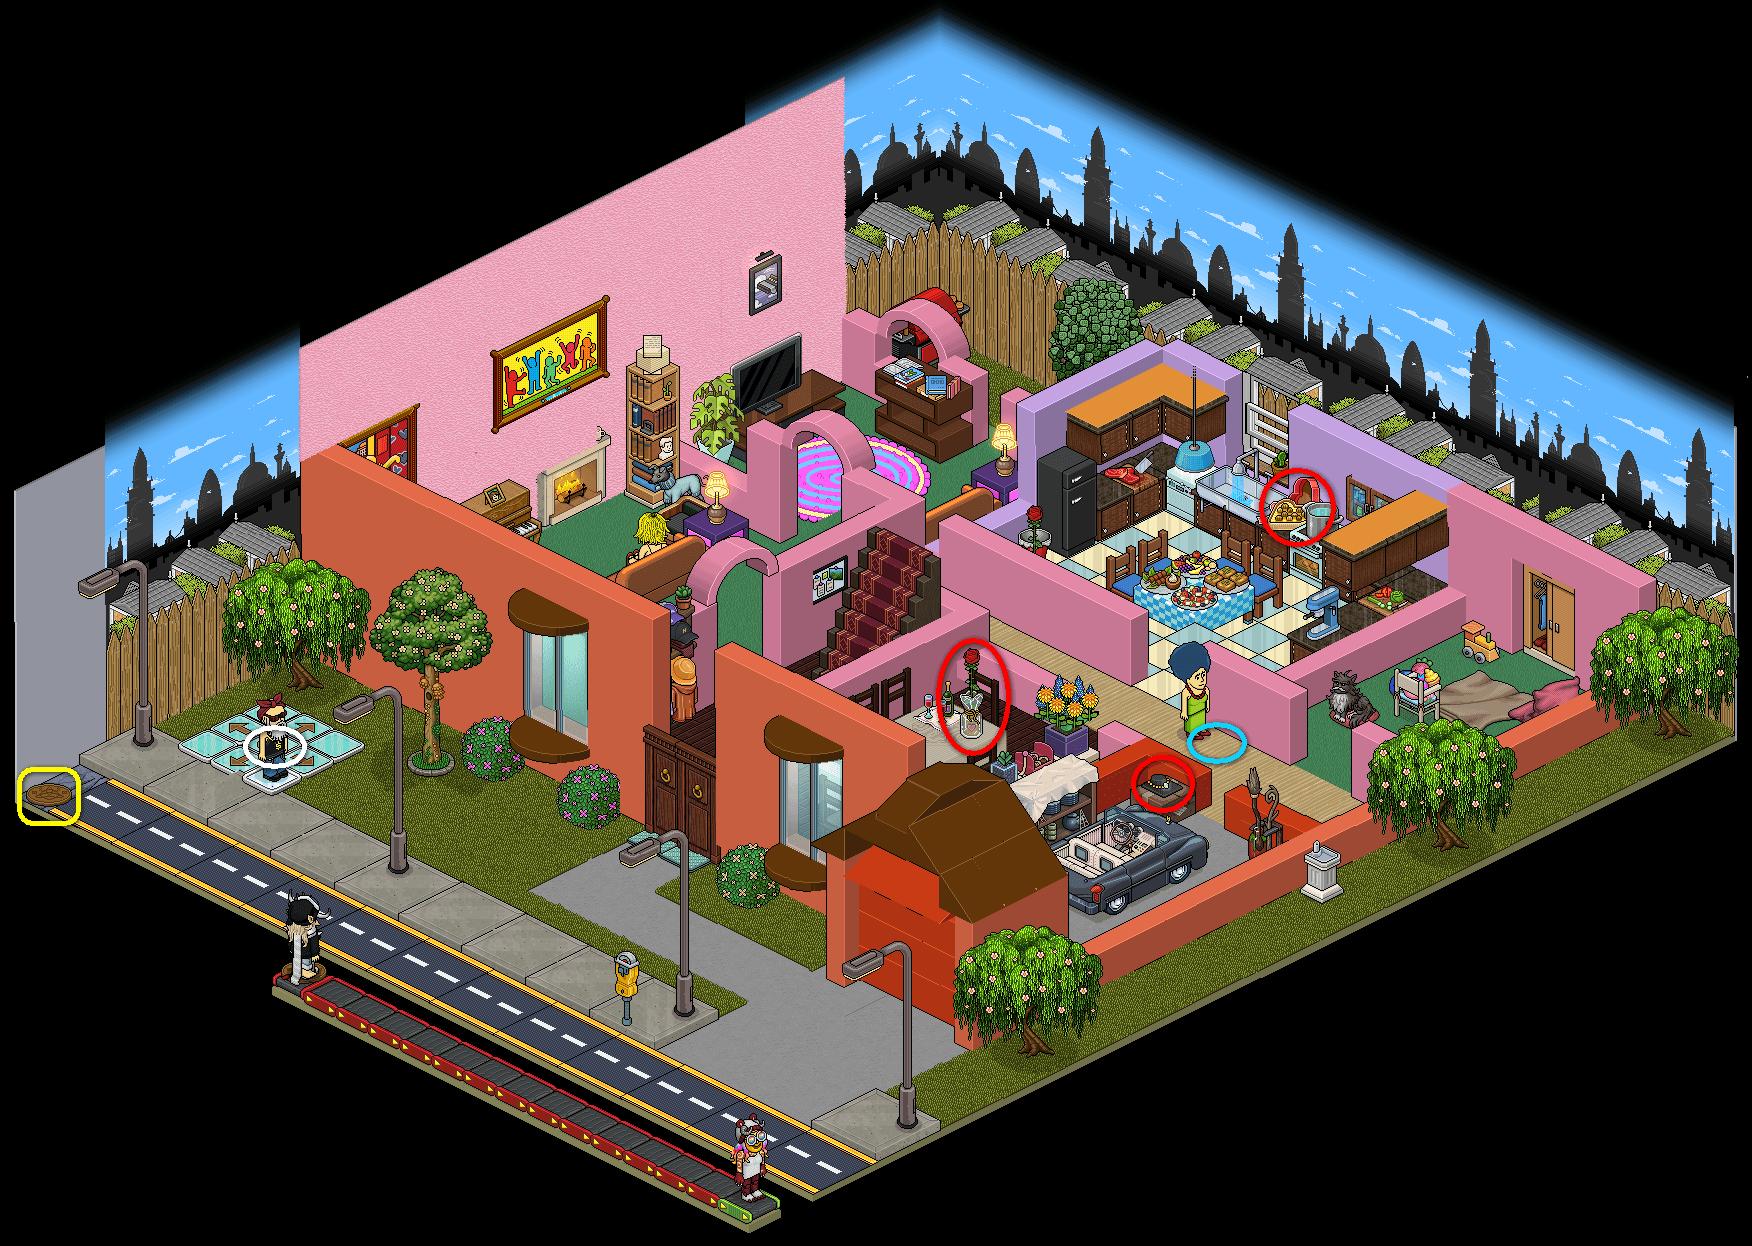 [HPLM] Les Simpsons